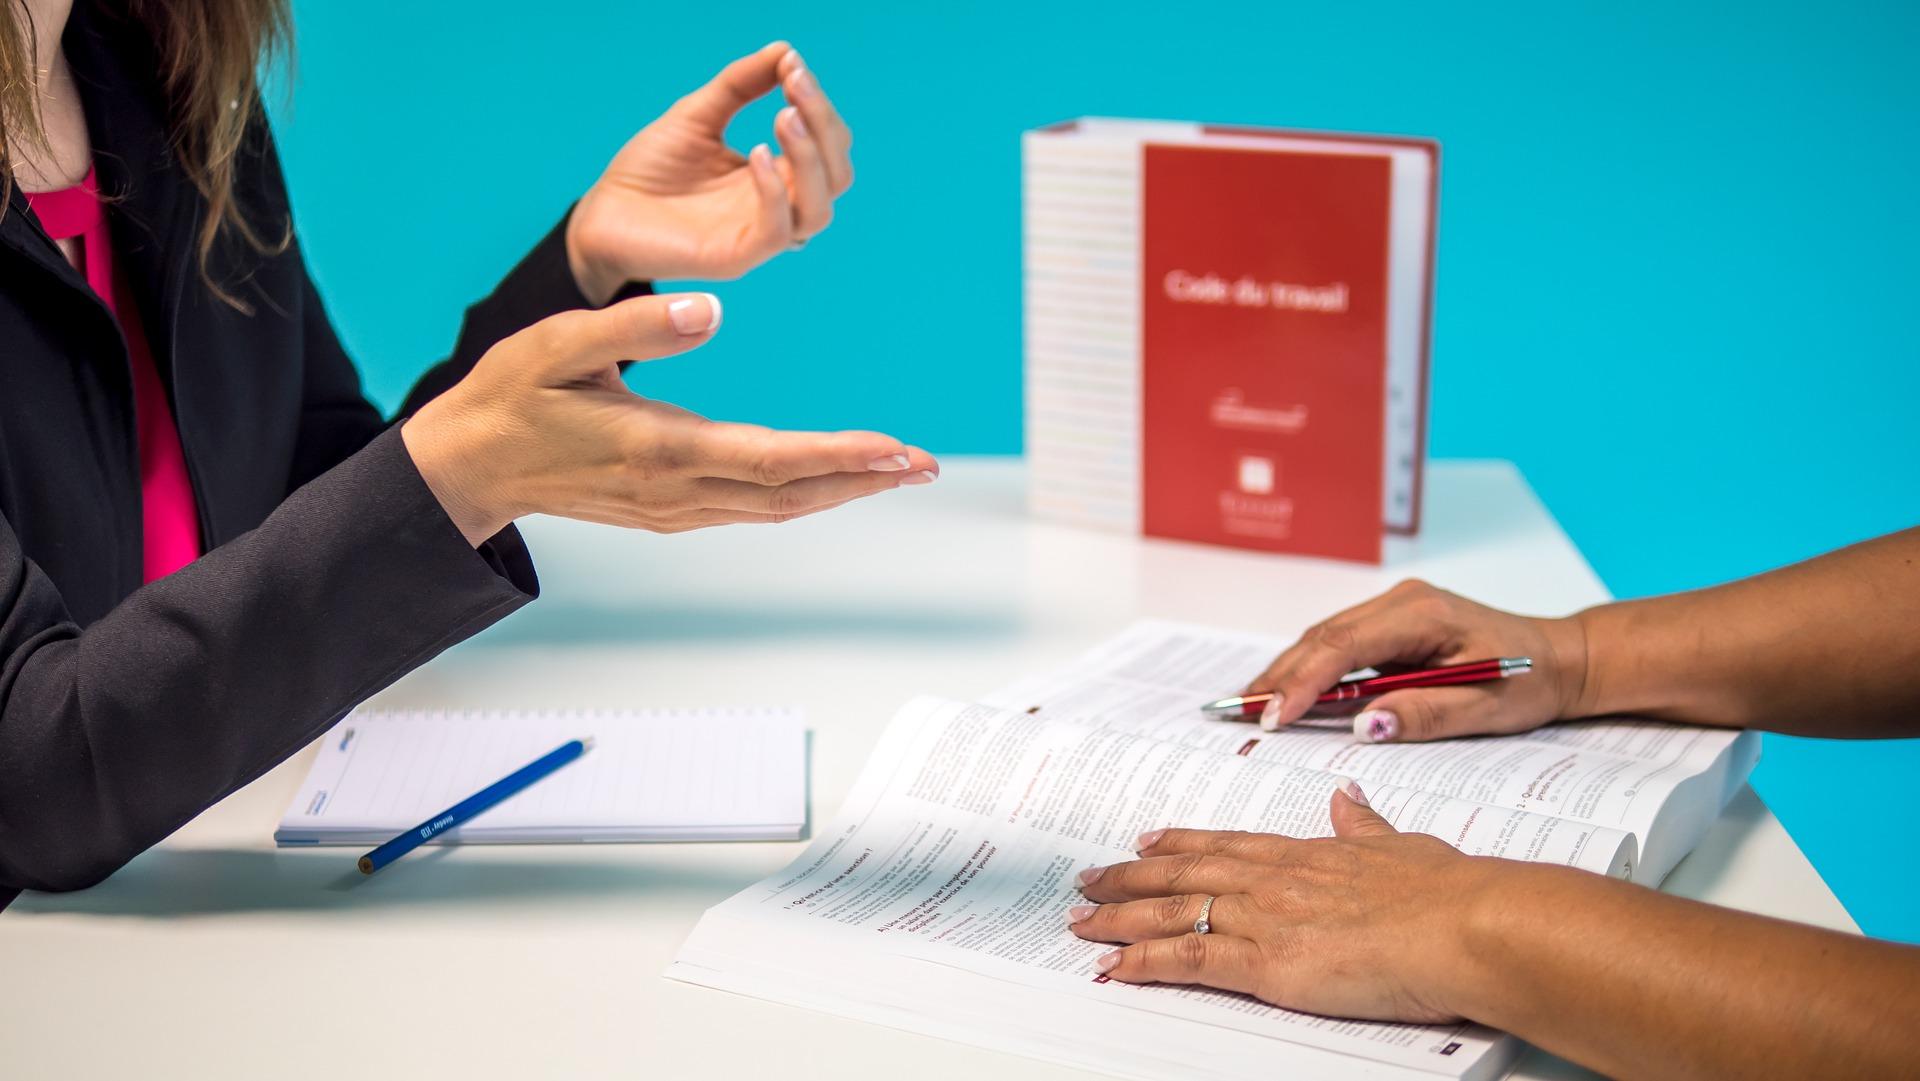 Henkilö istuu pöydän vastakkaisella puolella ja ohjaa käsillä elehtien muistiinpanoja kirjaan tekevää henkilöä.